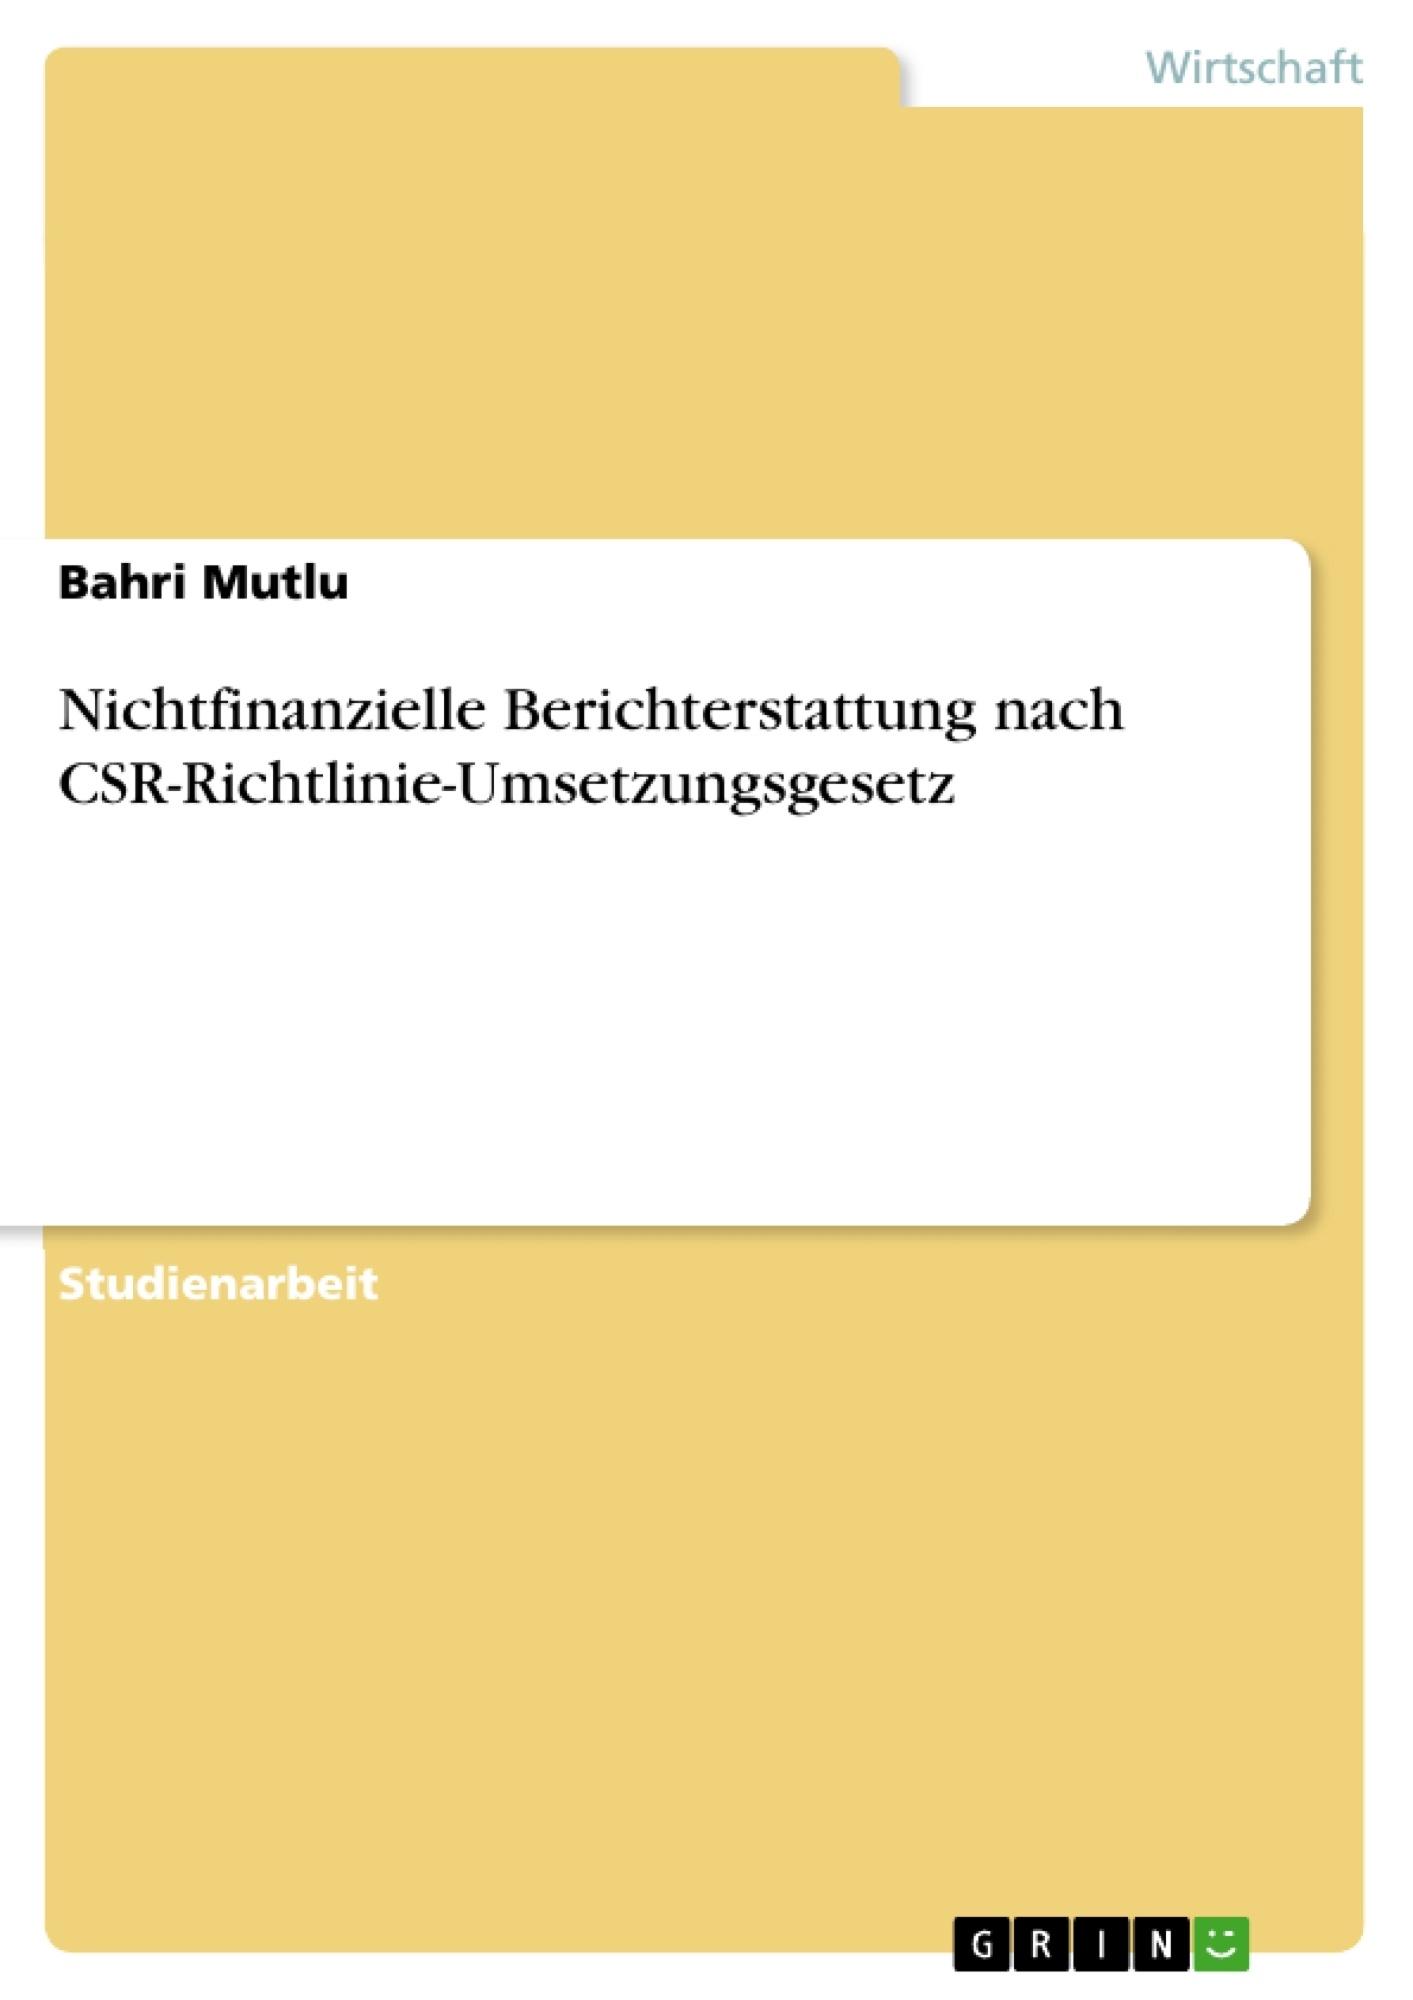 Titel: Nichtfinanzielle Berichterstattung nach CSR-Richtlinie-Umsetzungsgesetz